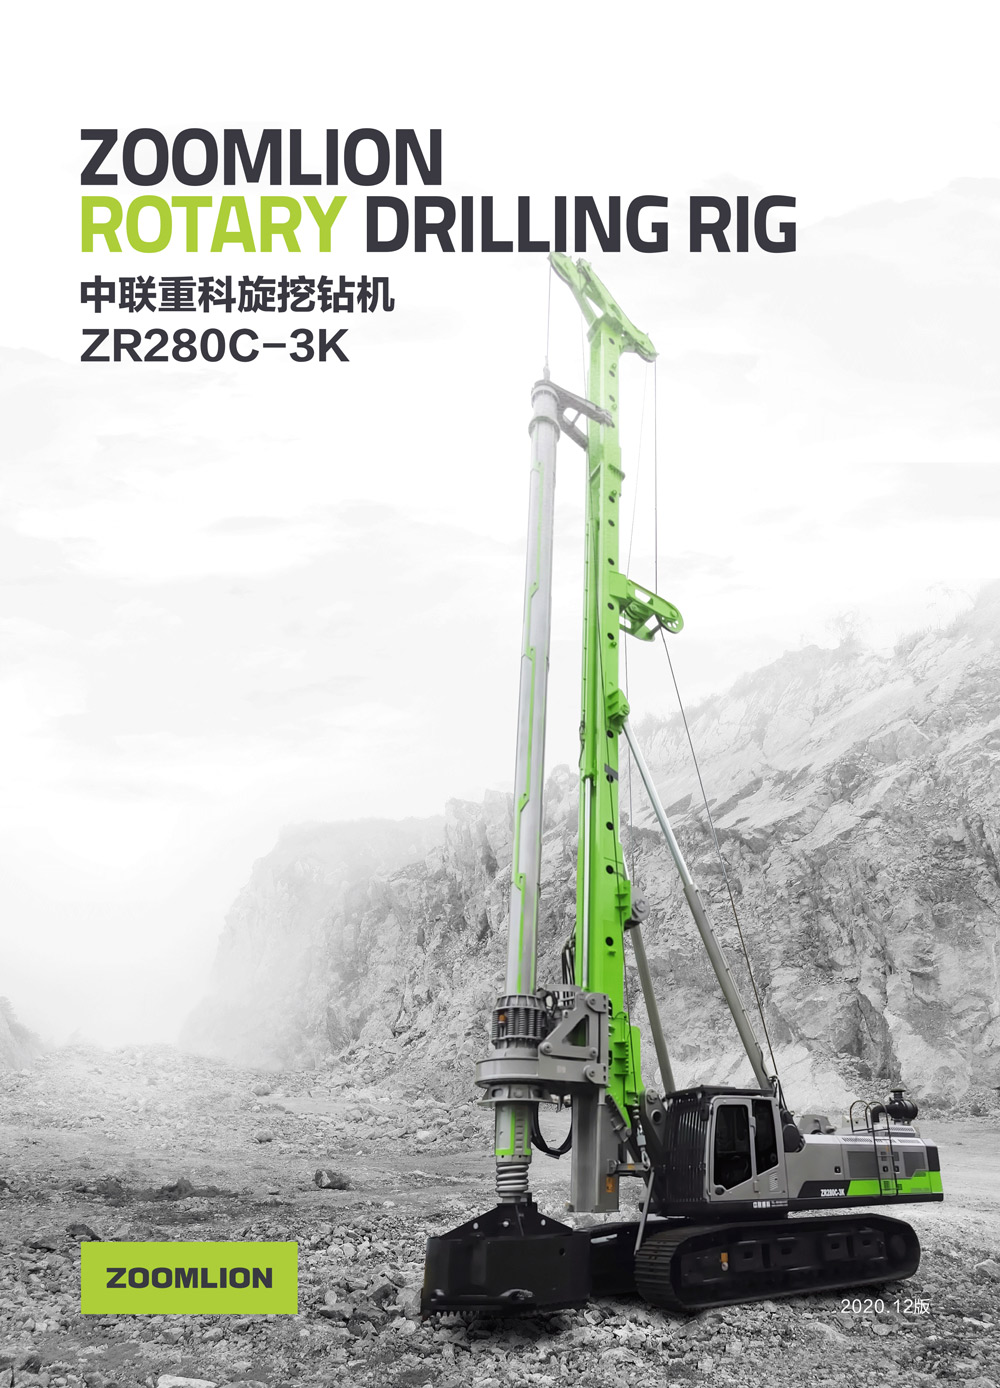 中联重科ZR280C-3K旋挖钻机高清图 - 外观